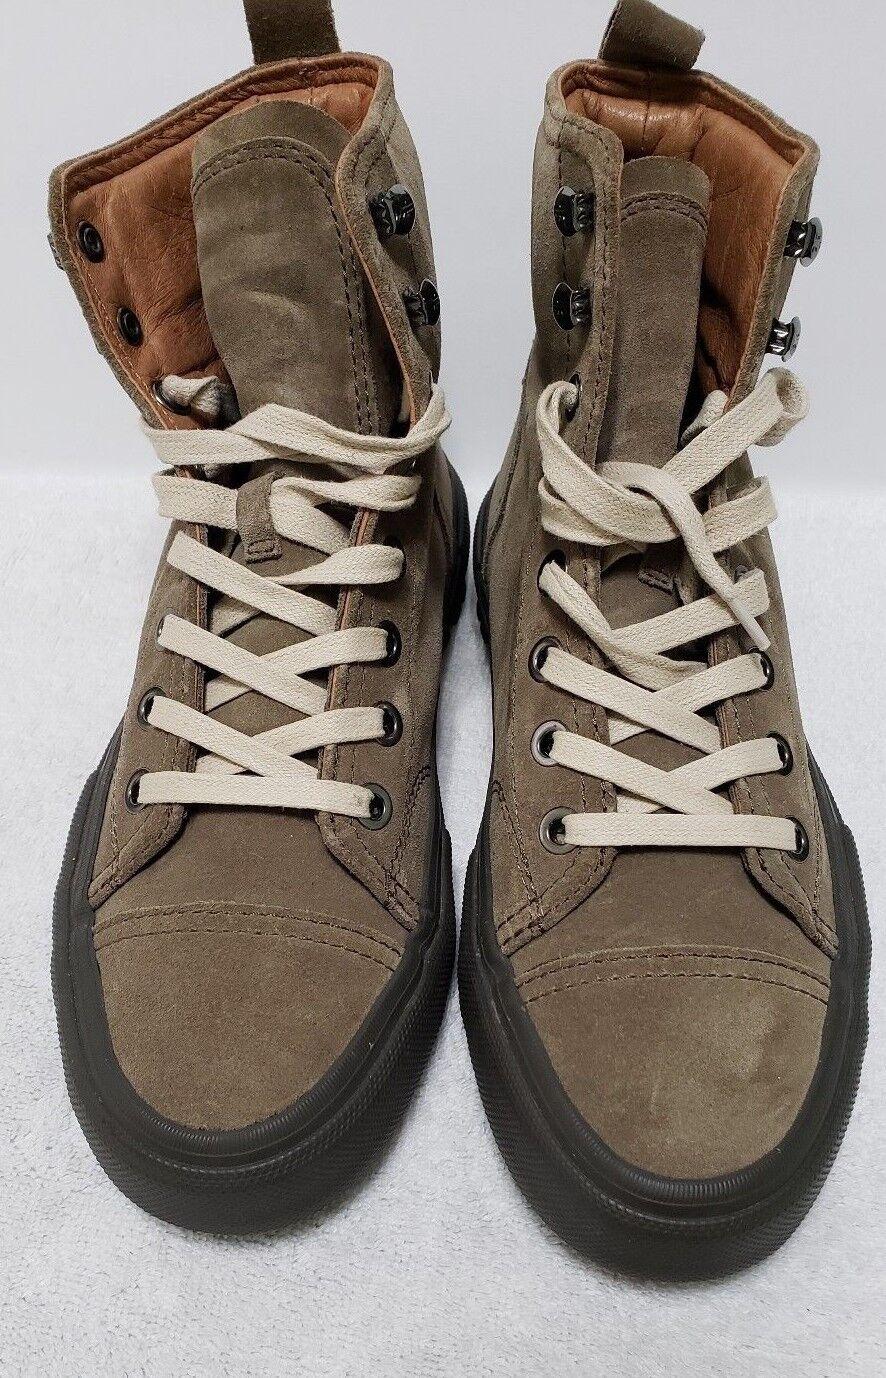 FRYE Mens 9 Frye Ryan Military Ankle Boot